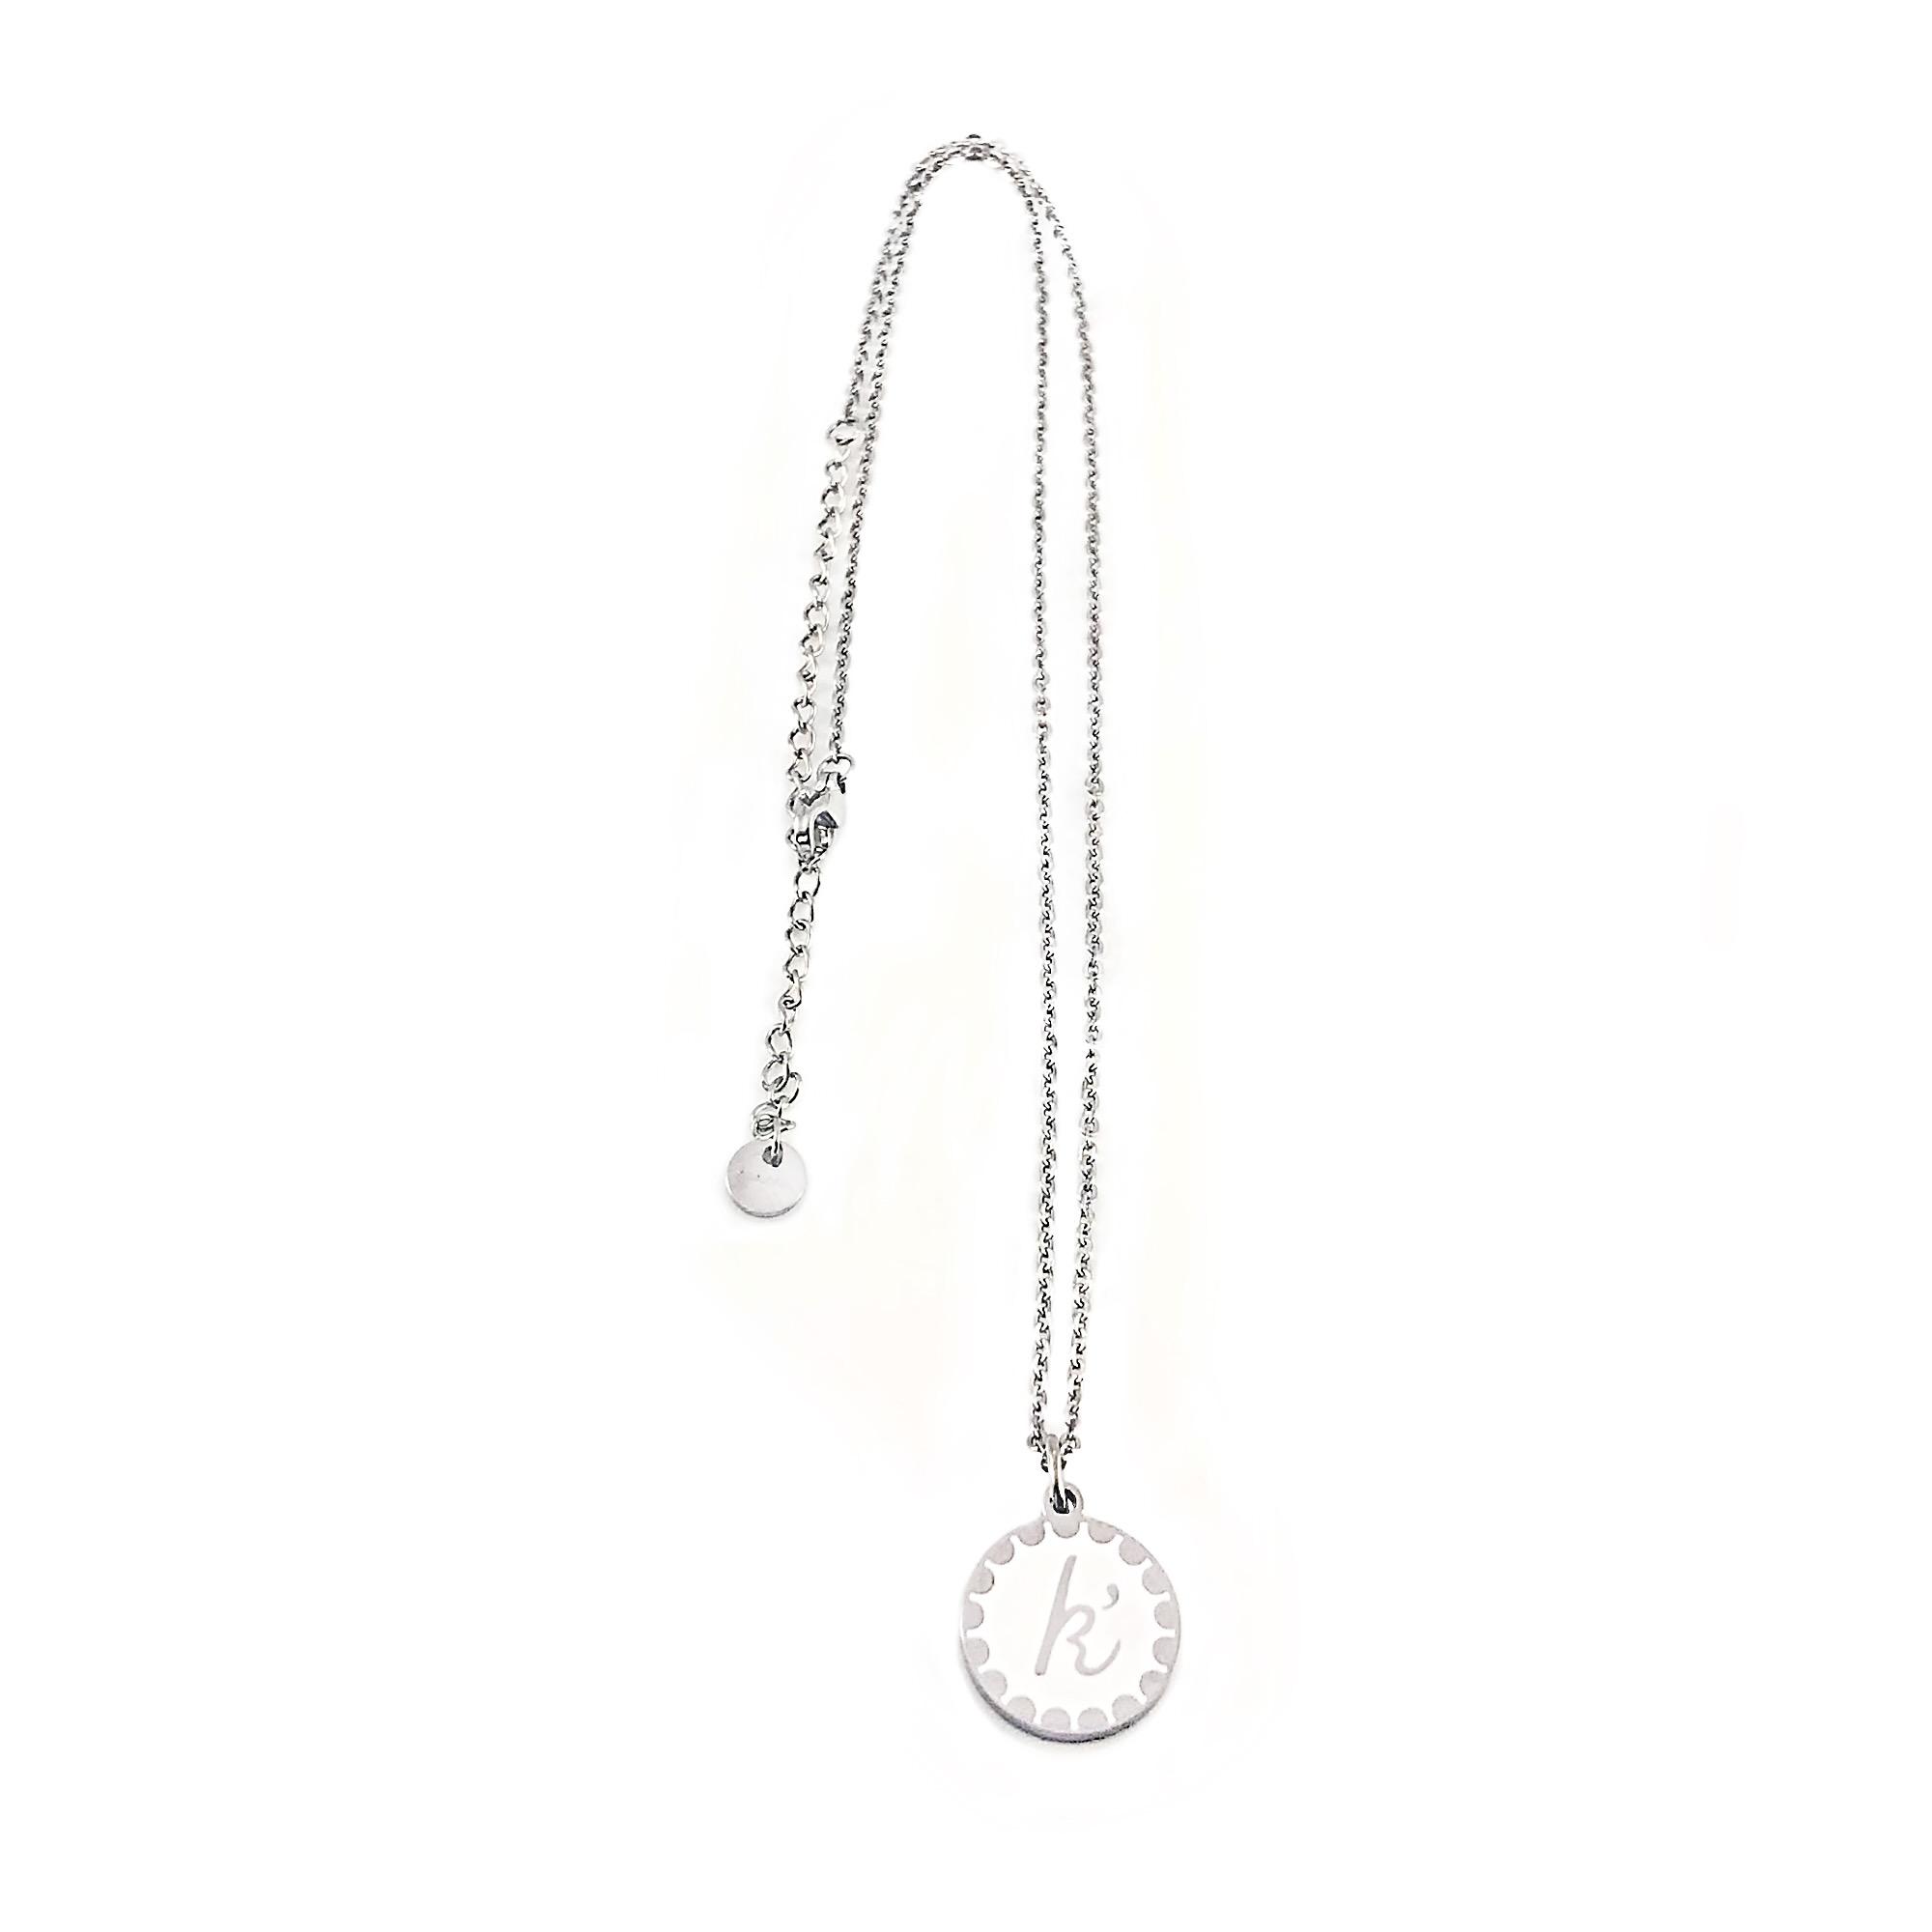 Edelstaal jasseron ketting met sierlijke platte bedel zilver